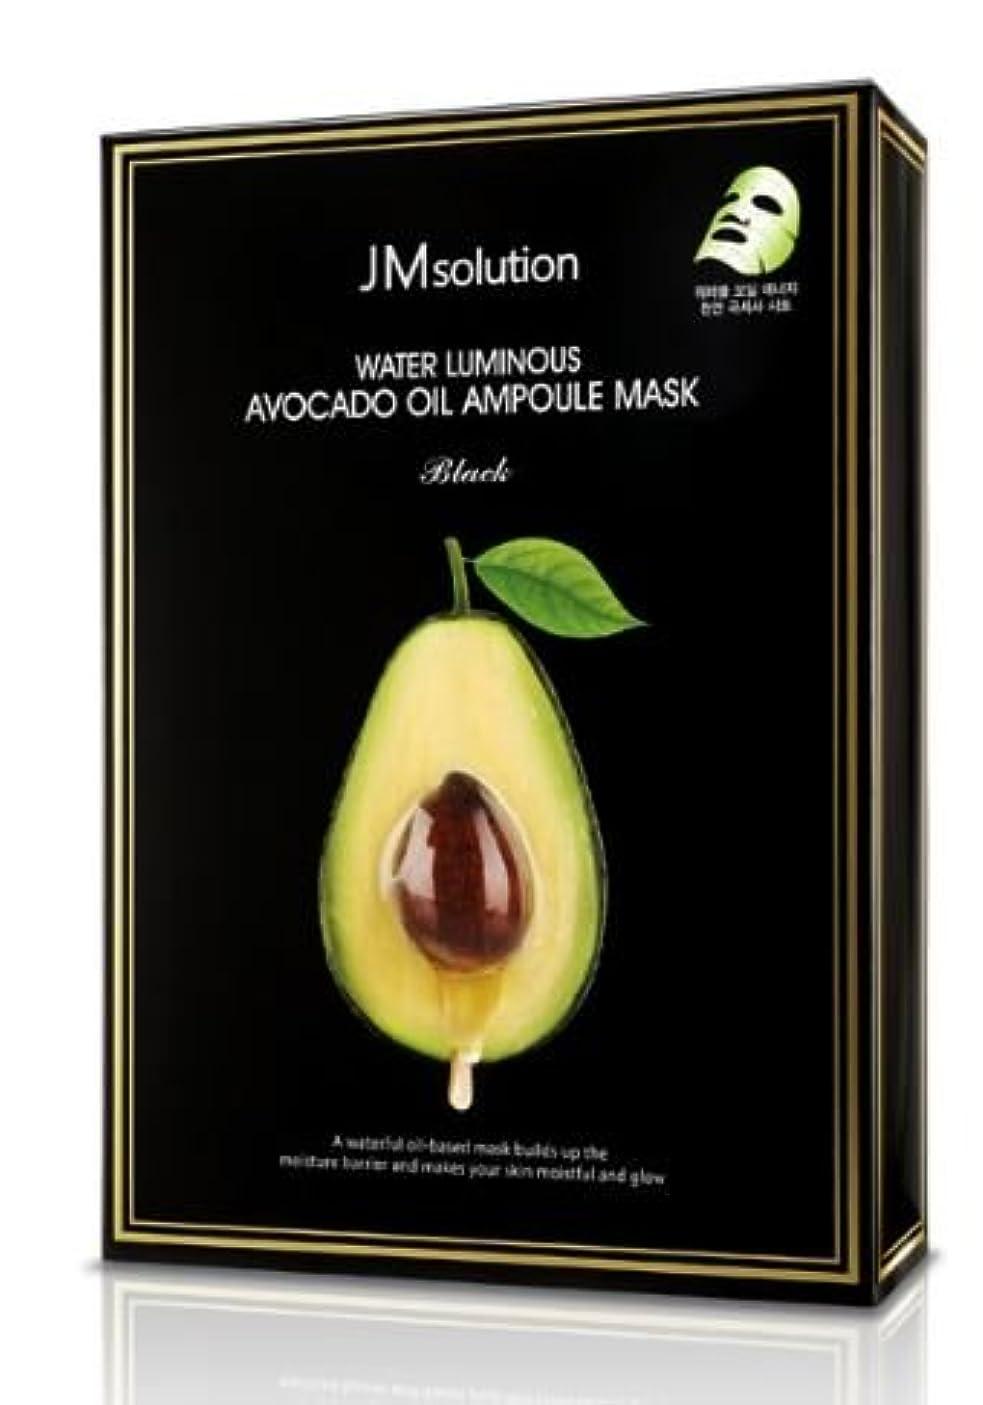 ネズミアカウント可塑性[JM solution] Water Luminous Avocado Oil Ampoule Mask_Black 35ml*10ea [並行輸入品]